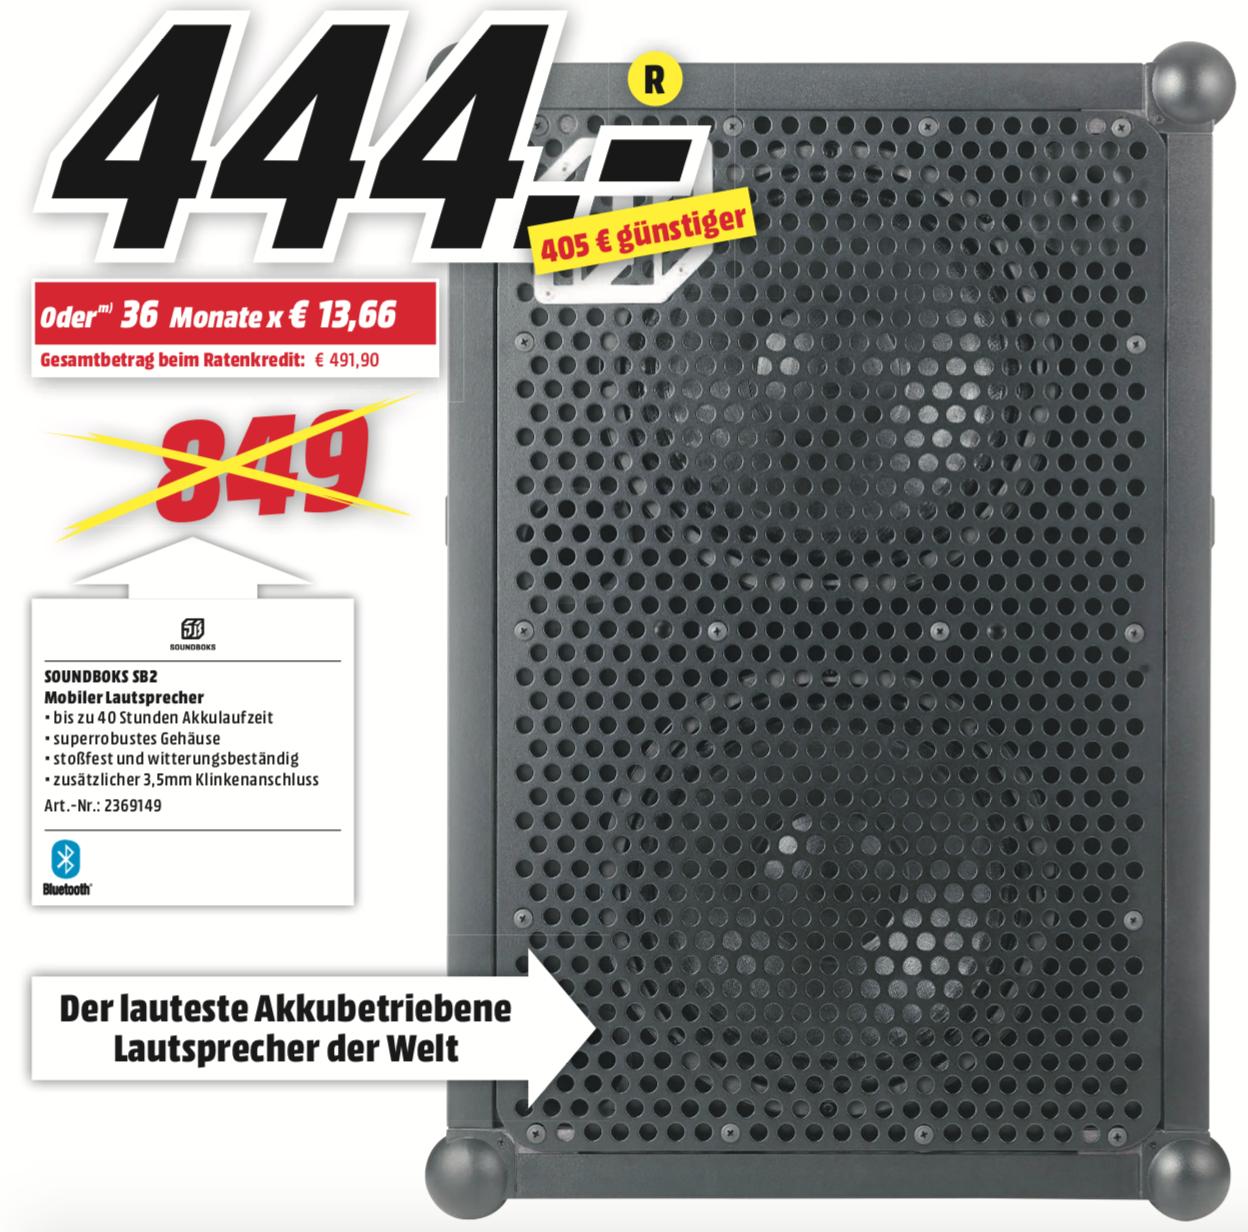 SOUNDBOKS 2 tragbarer Bluetooth Partylautsprecher (MediaMarkt Lokal Dorsten)